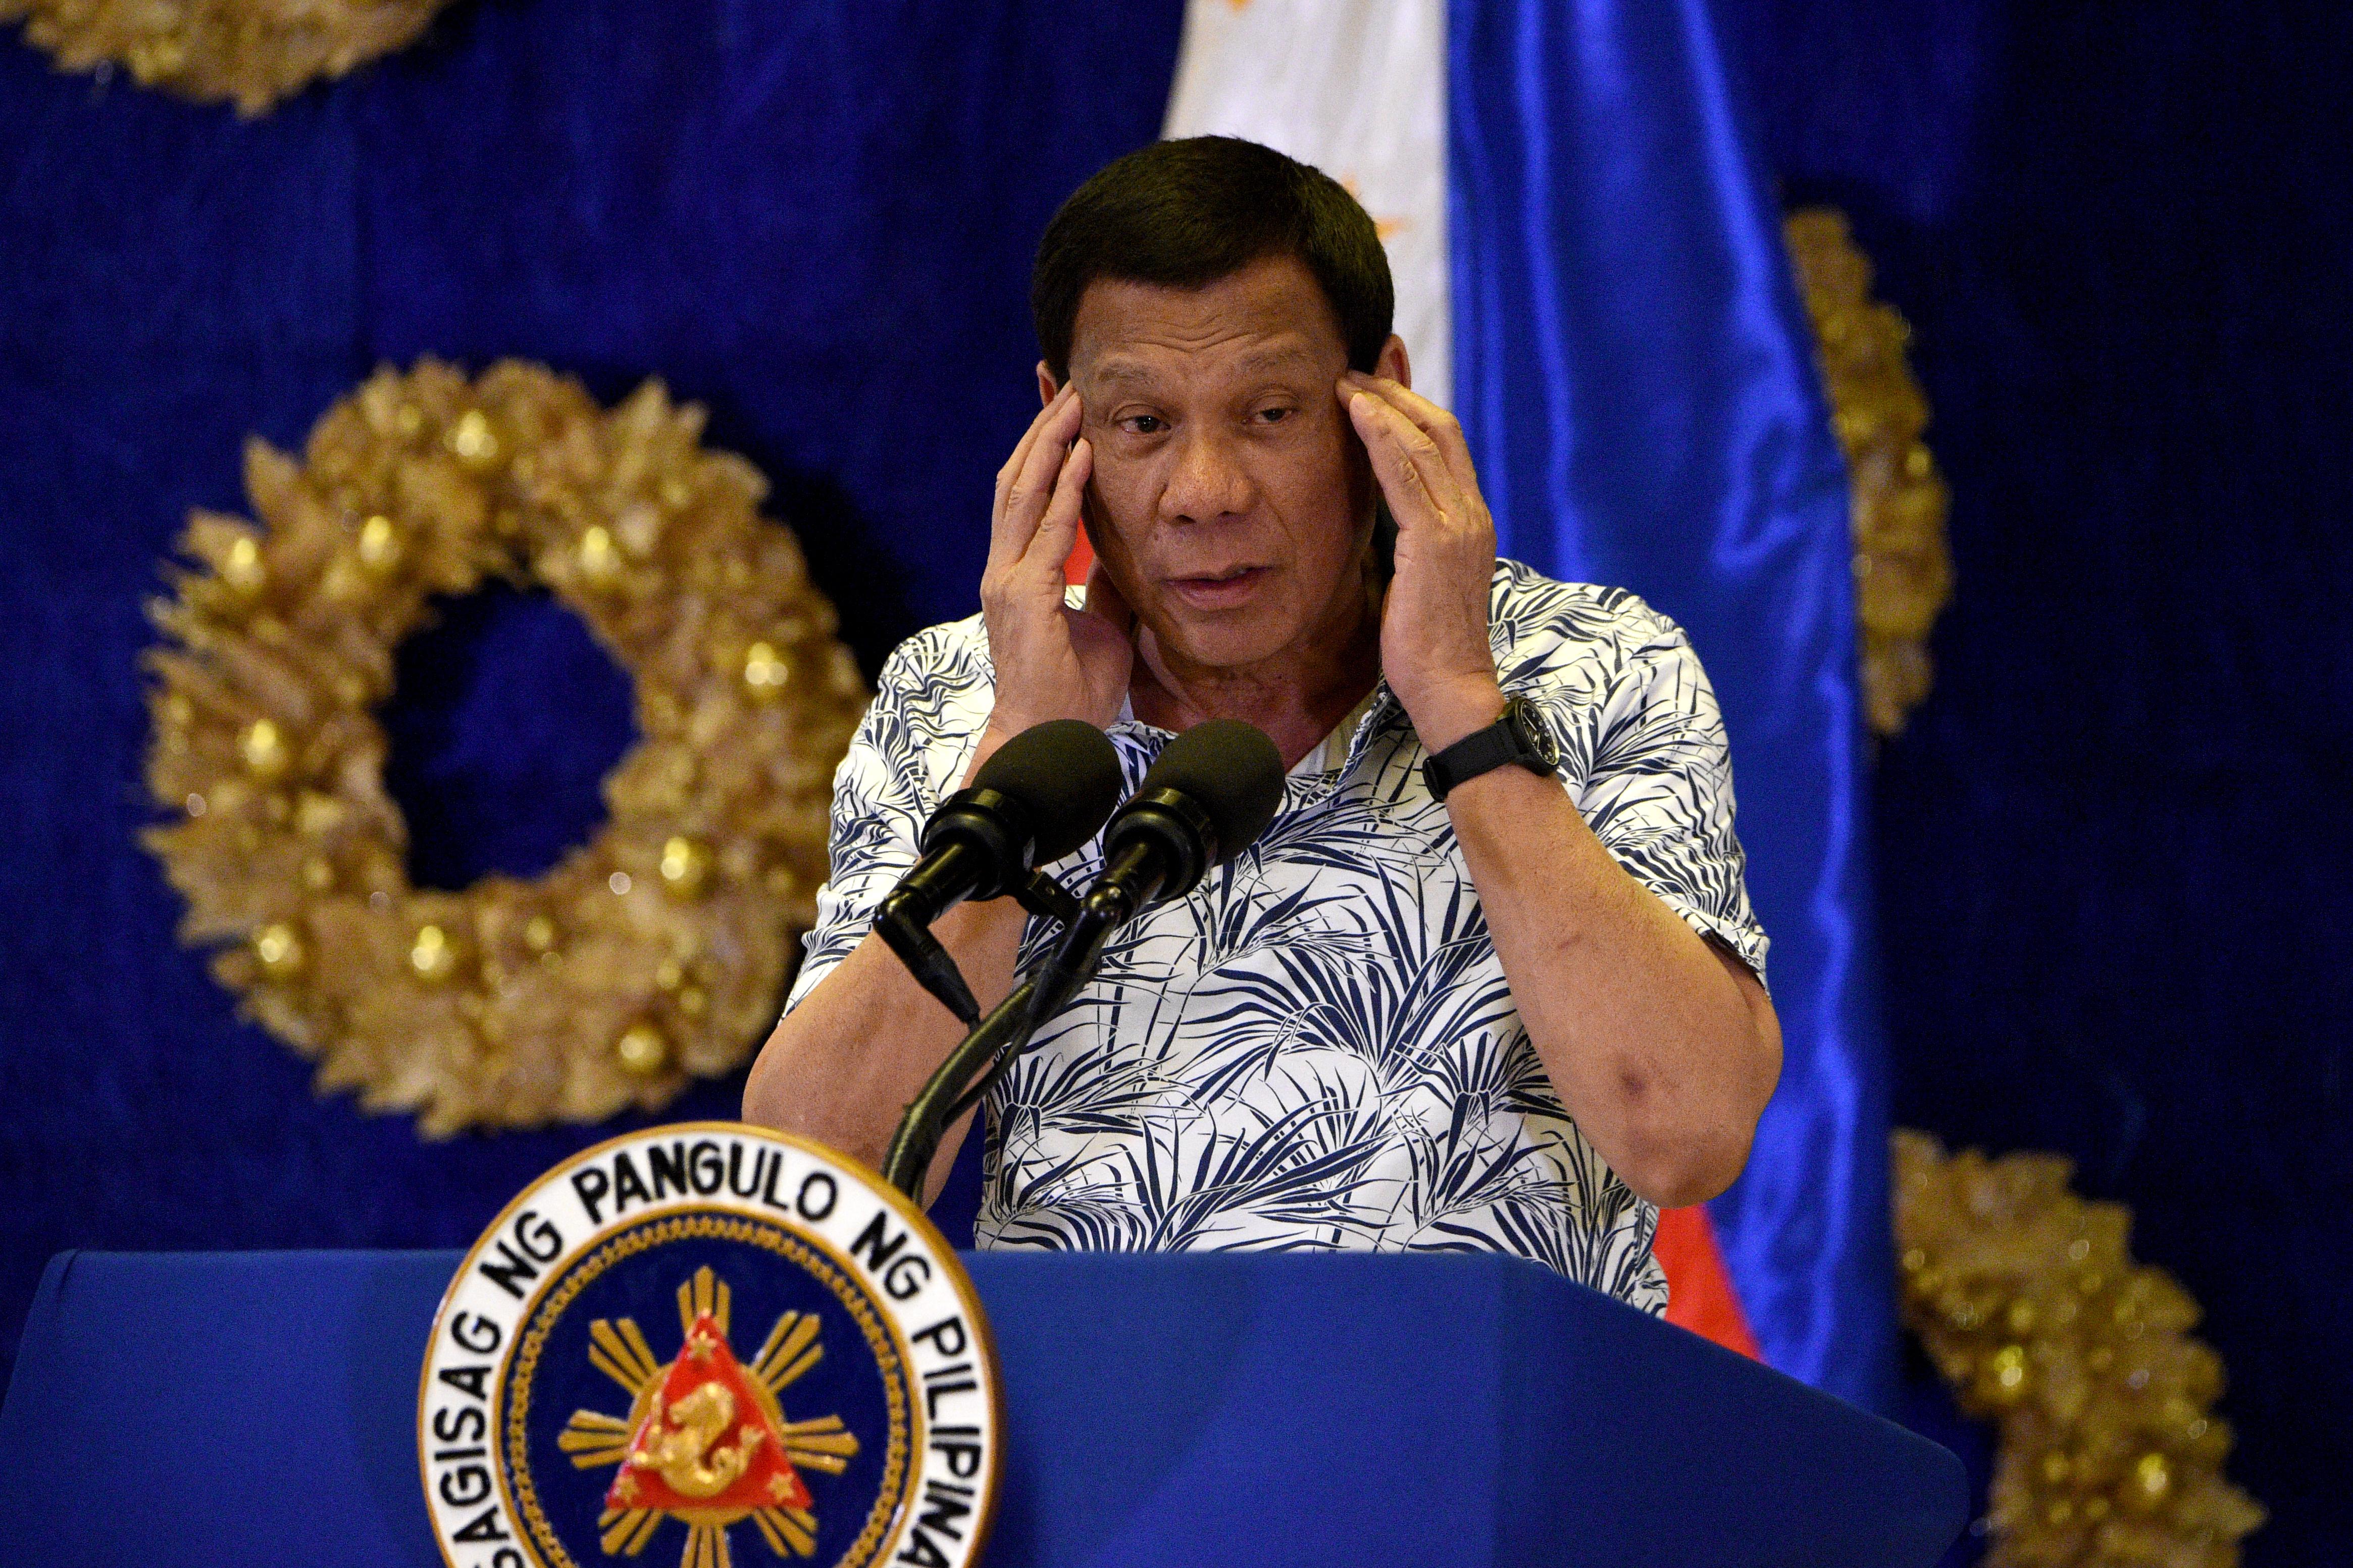 A Fülöp-szigetek elnöke agyonlövéssel fenyegeti azokat, akik megszegik a karantént